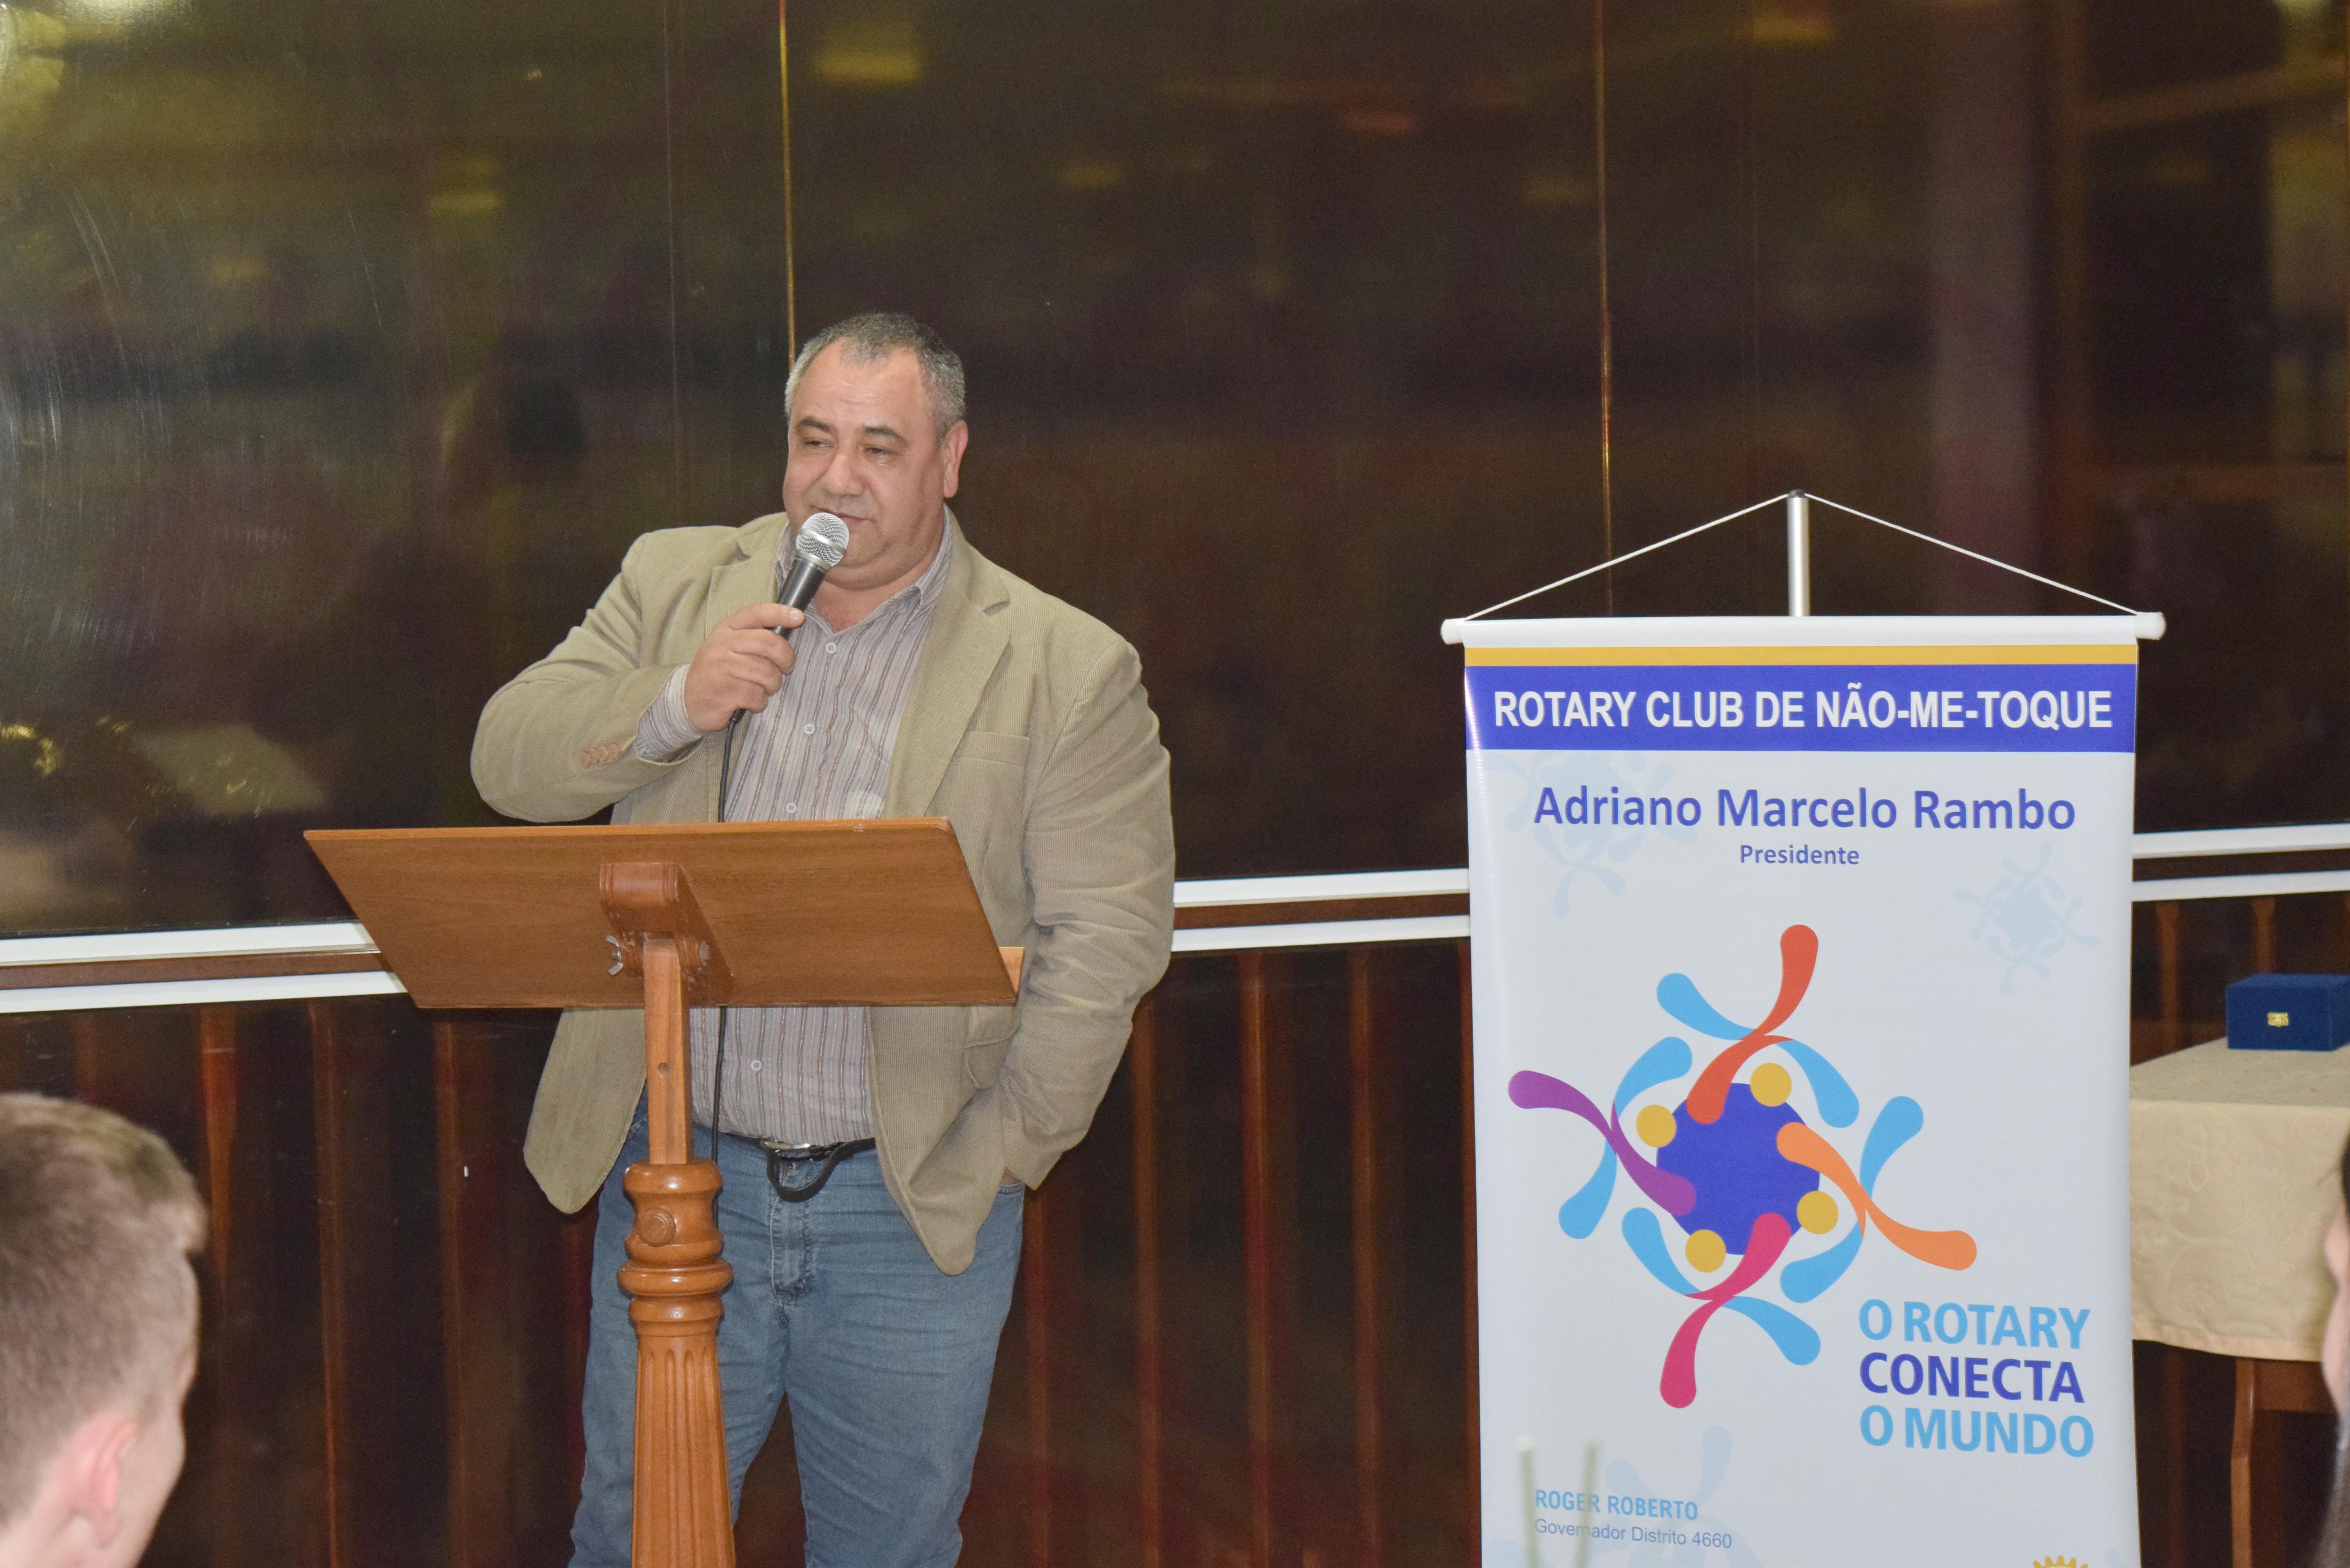 Novos dirigentes assumem inspirados pelo lema: O Rotary Conecta o Mundo